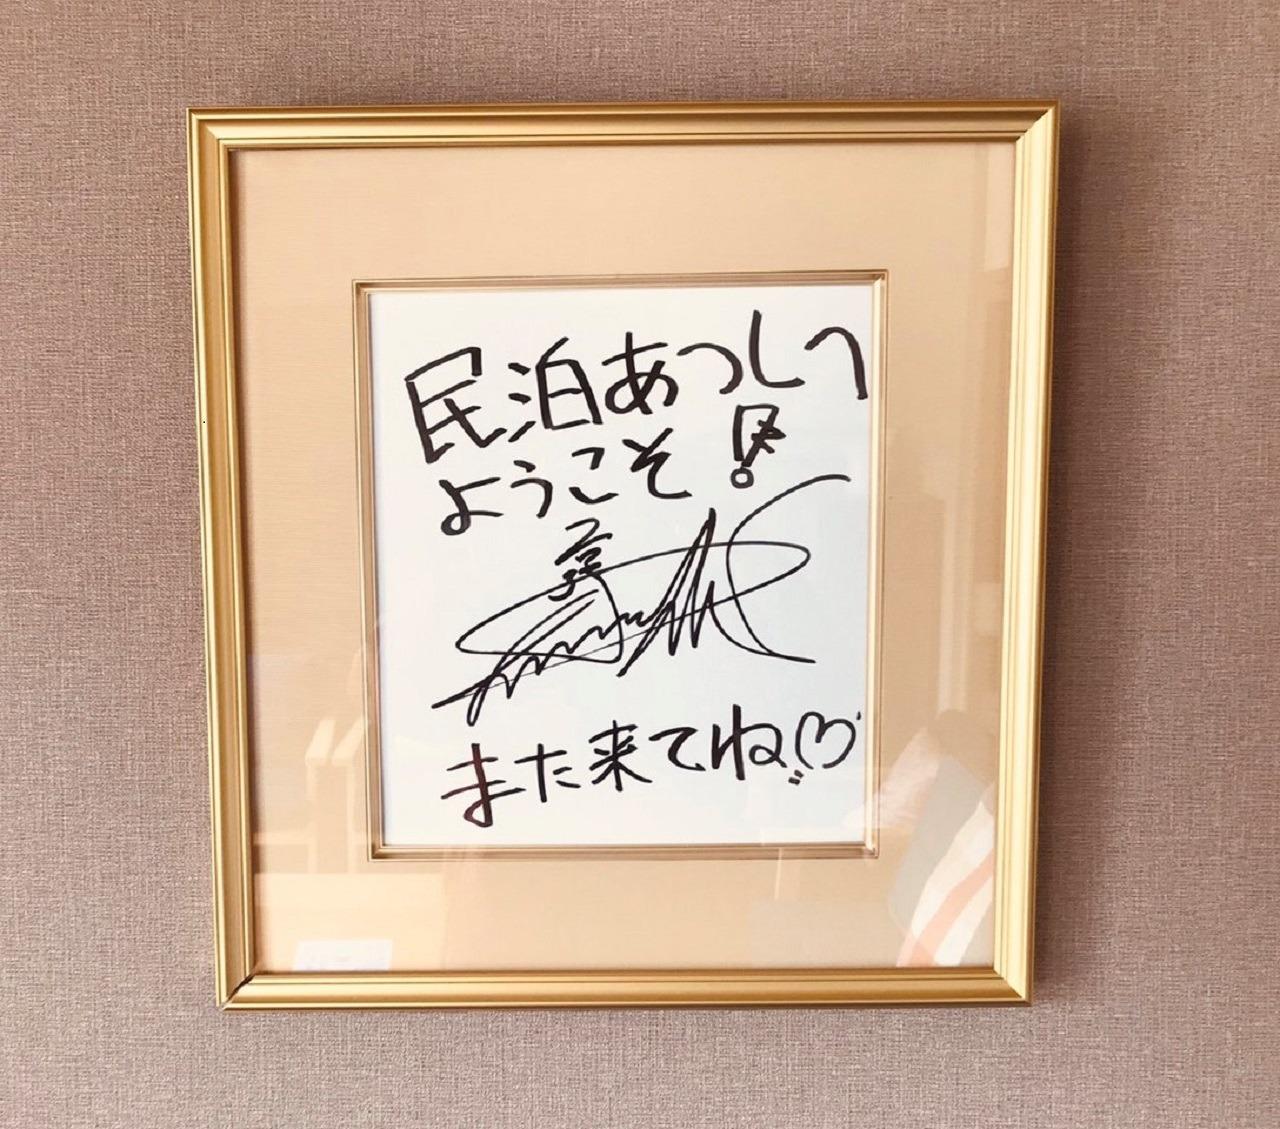 『民泊あつし』【ワーケーション応援】広い2LDK・ミニキッチン付【517号室・9名】